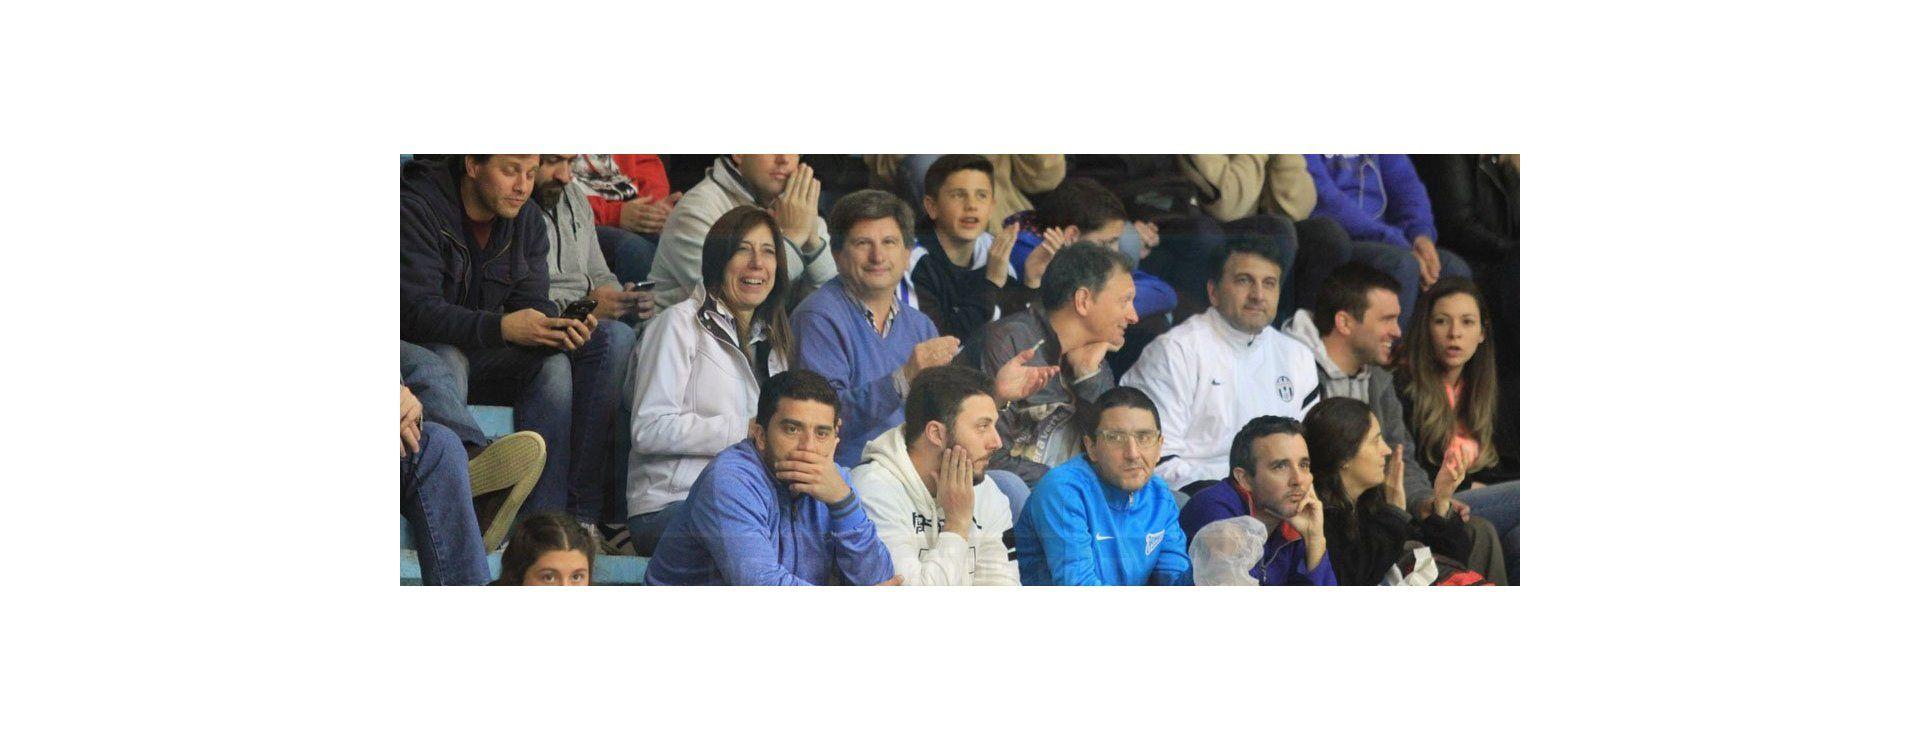 La gente que apoyó al equipo en el debut.